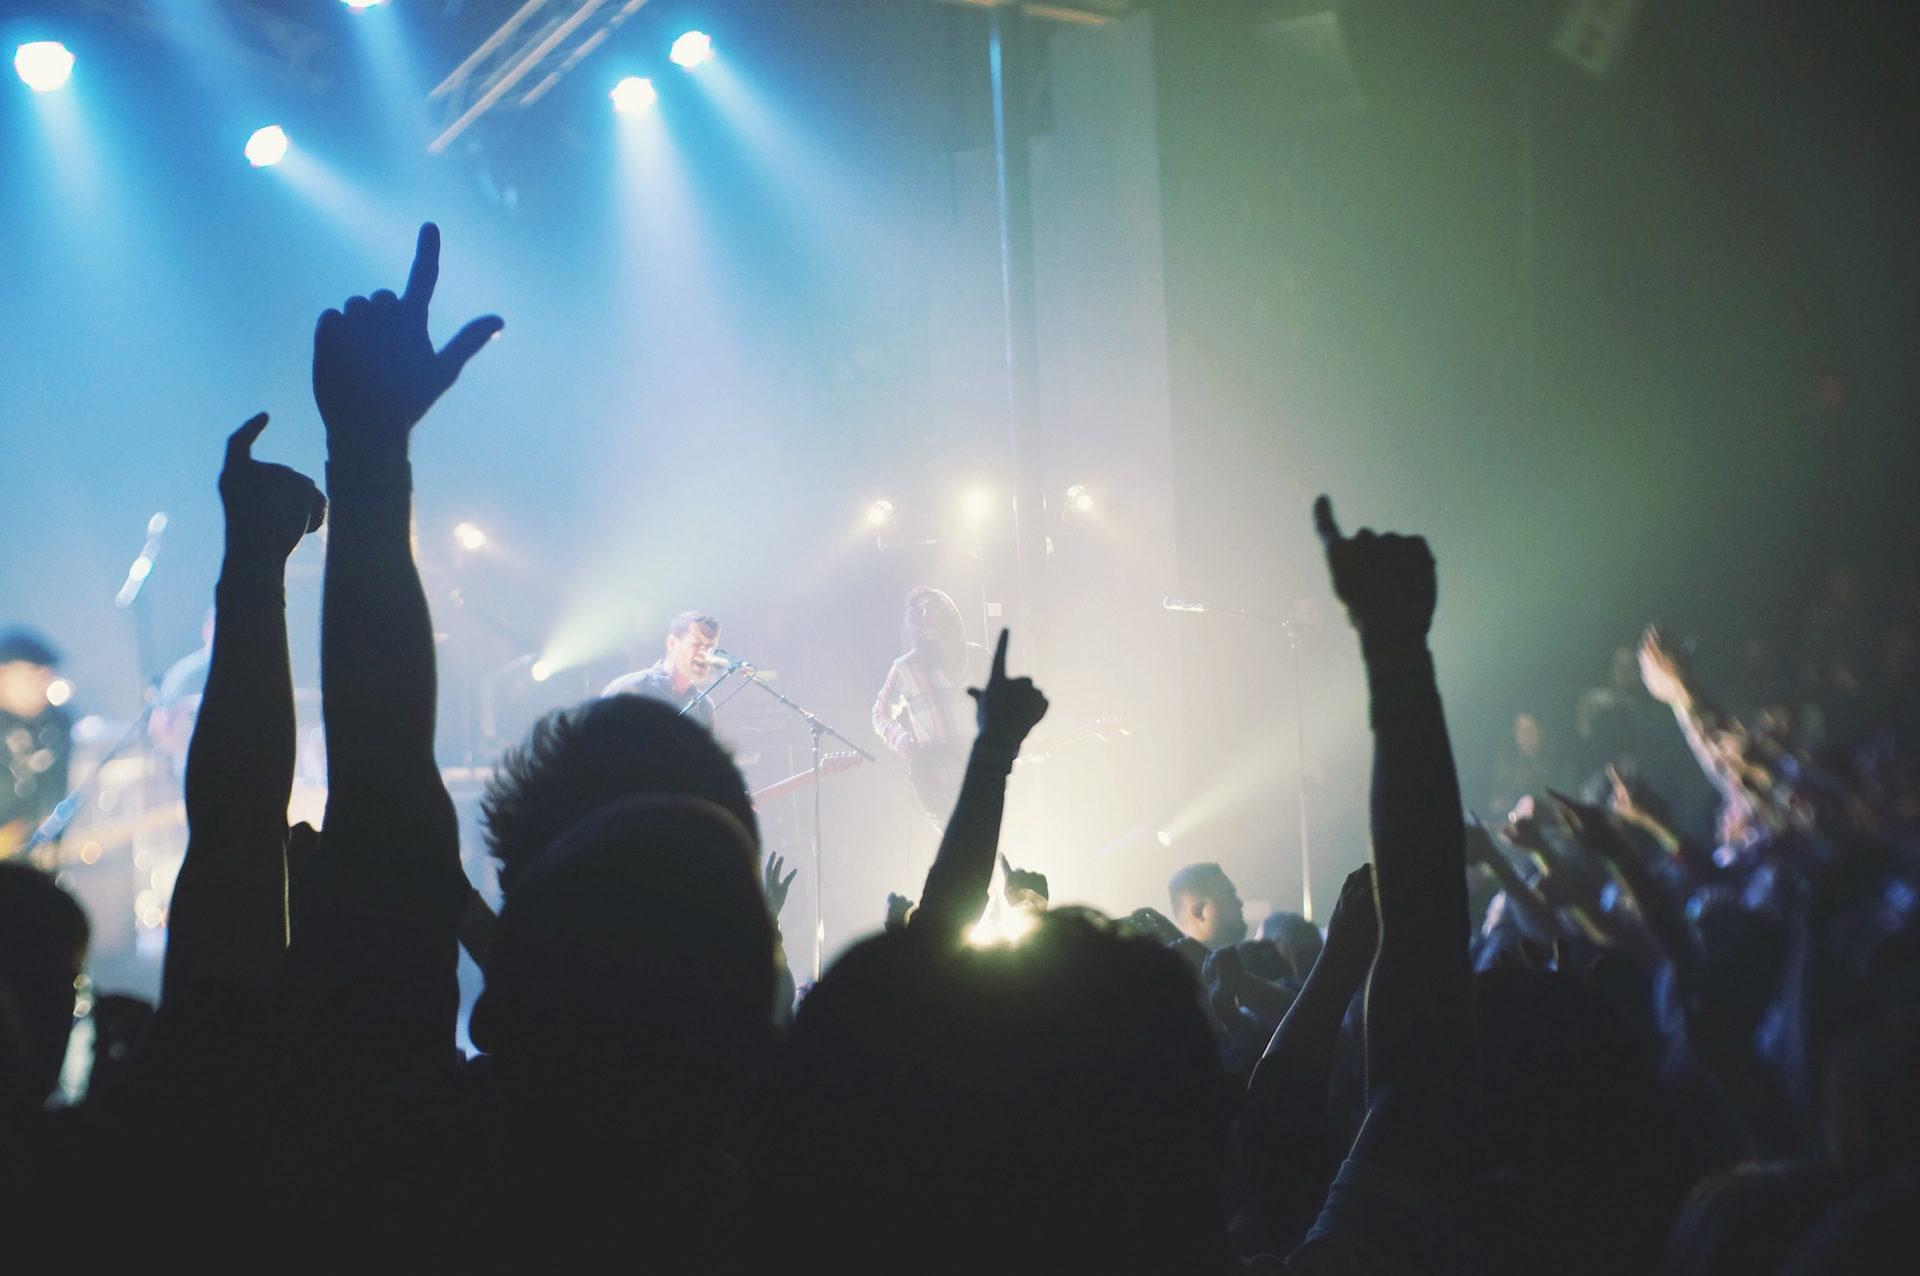 concerto, diversão, mão, cantor, dança - Papéis de parede HD - Professor-falken.com